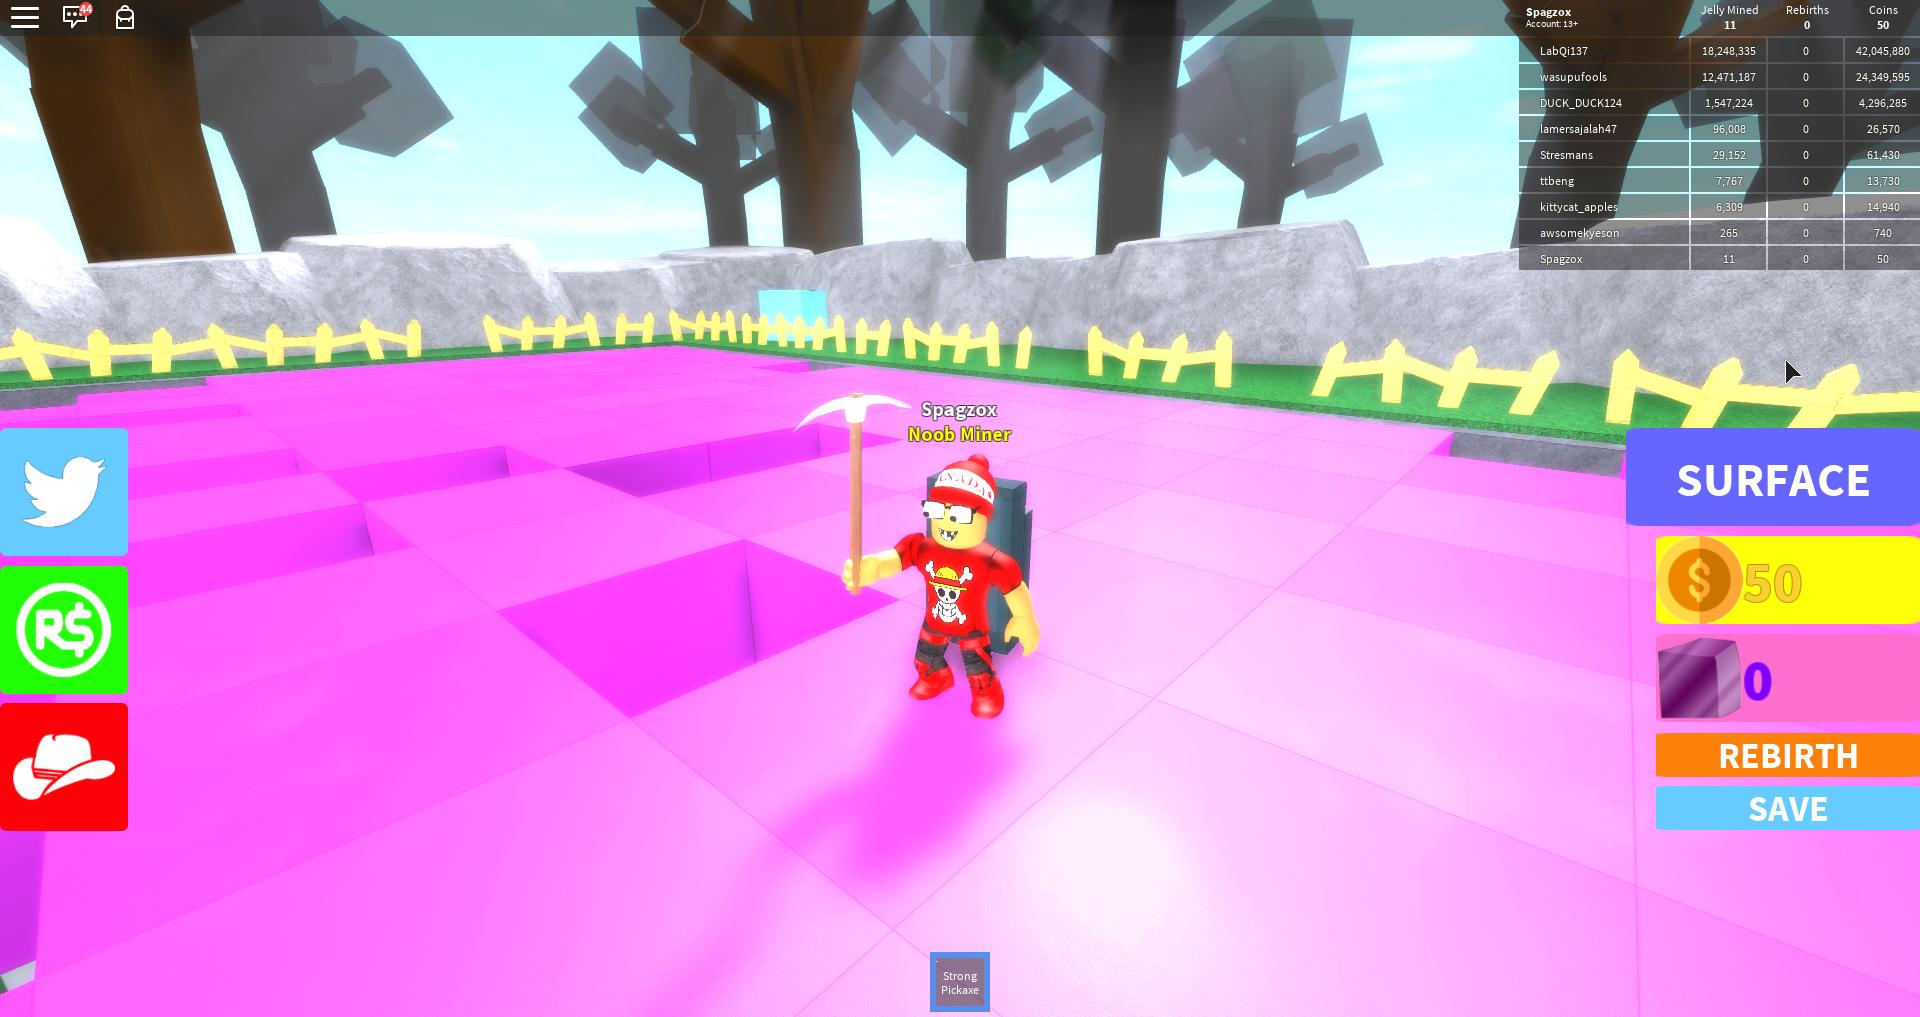 Fundo Do Jogo Piggy Roblox Jelly Mining Simulator Spagz Blox Apk